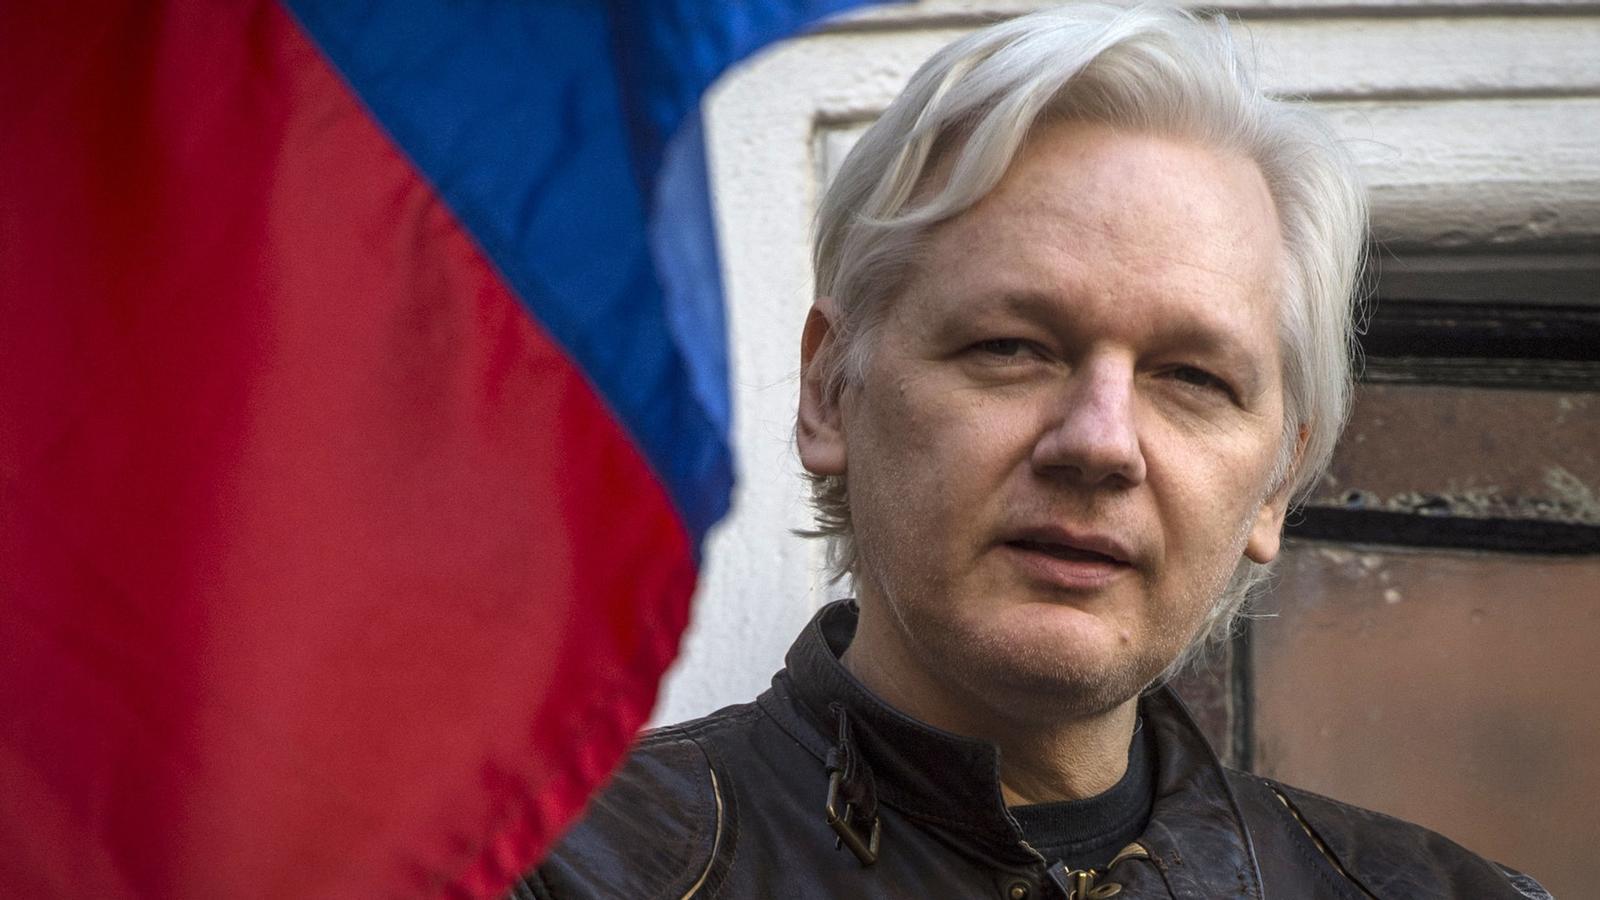 Julian Assange, al seu refugi de l'ambaixada d'Equador a Londres, on roman tancat des del juny de 2012 / REUTERS